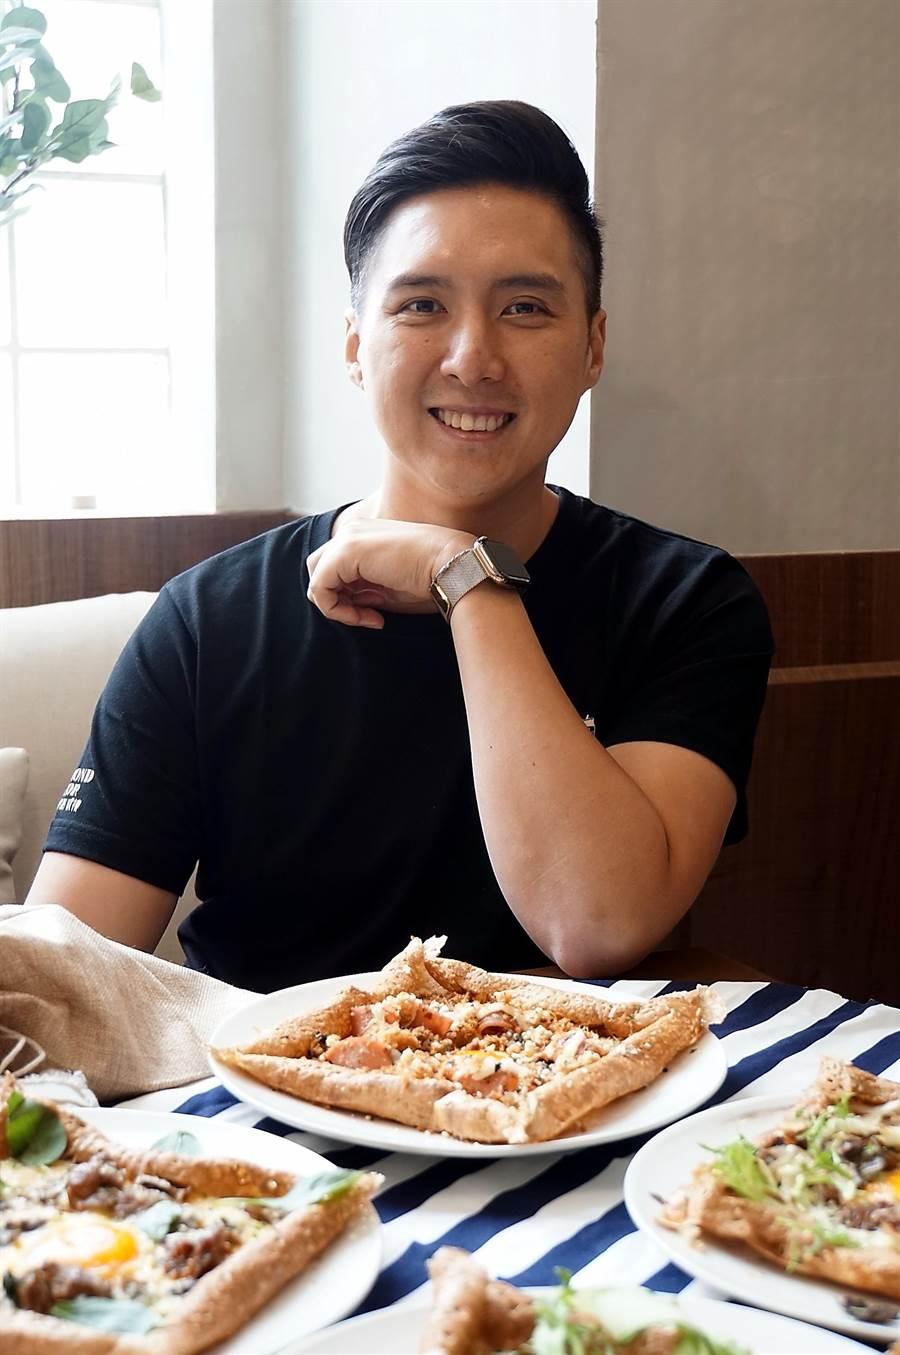 貳樓餐飲集團創辦人兼董事長黃寶世,創業至今已成功開出13家「貳樓」餐廳,集團總營收自2017年起即突破6億元。(圖/姚舜)